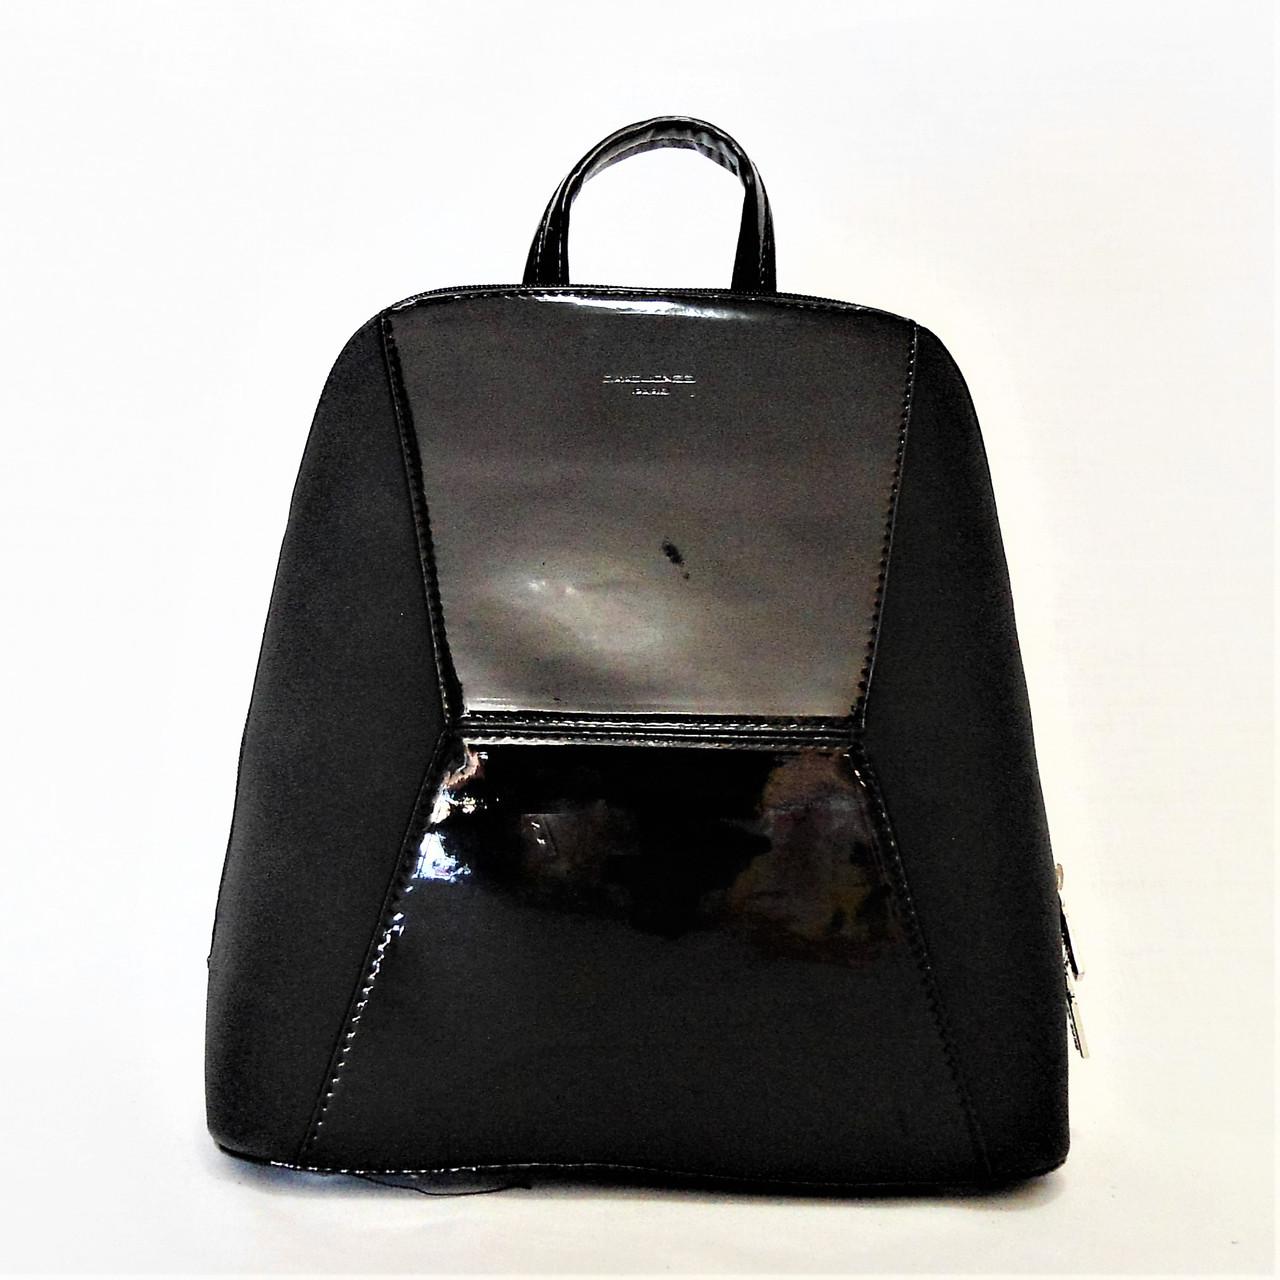 e0bb6010ac41 Женский лаковый рюкзак David Jones из экокожи черного цвета YСС-007058